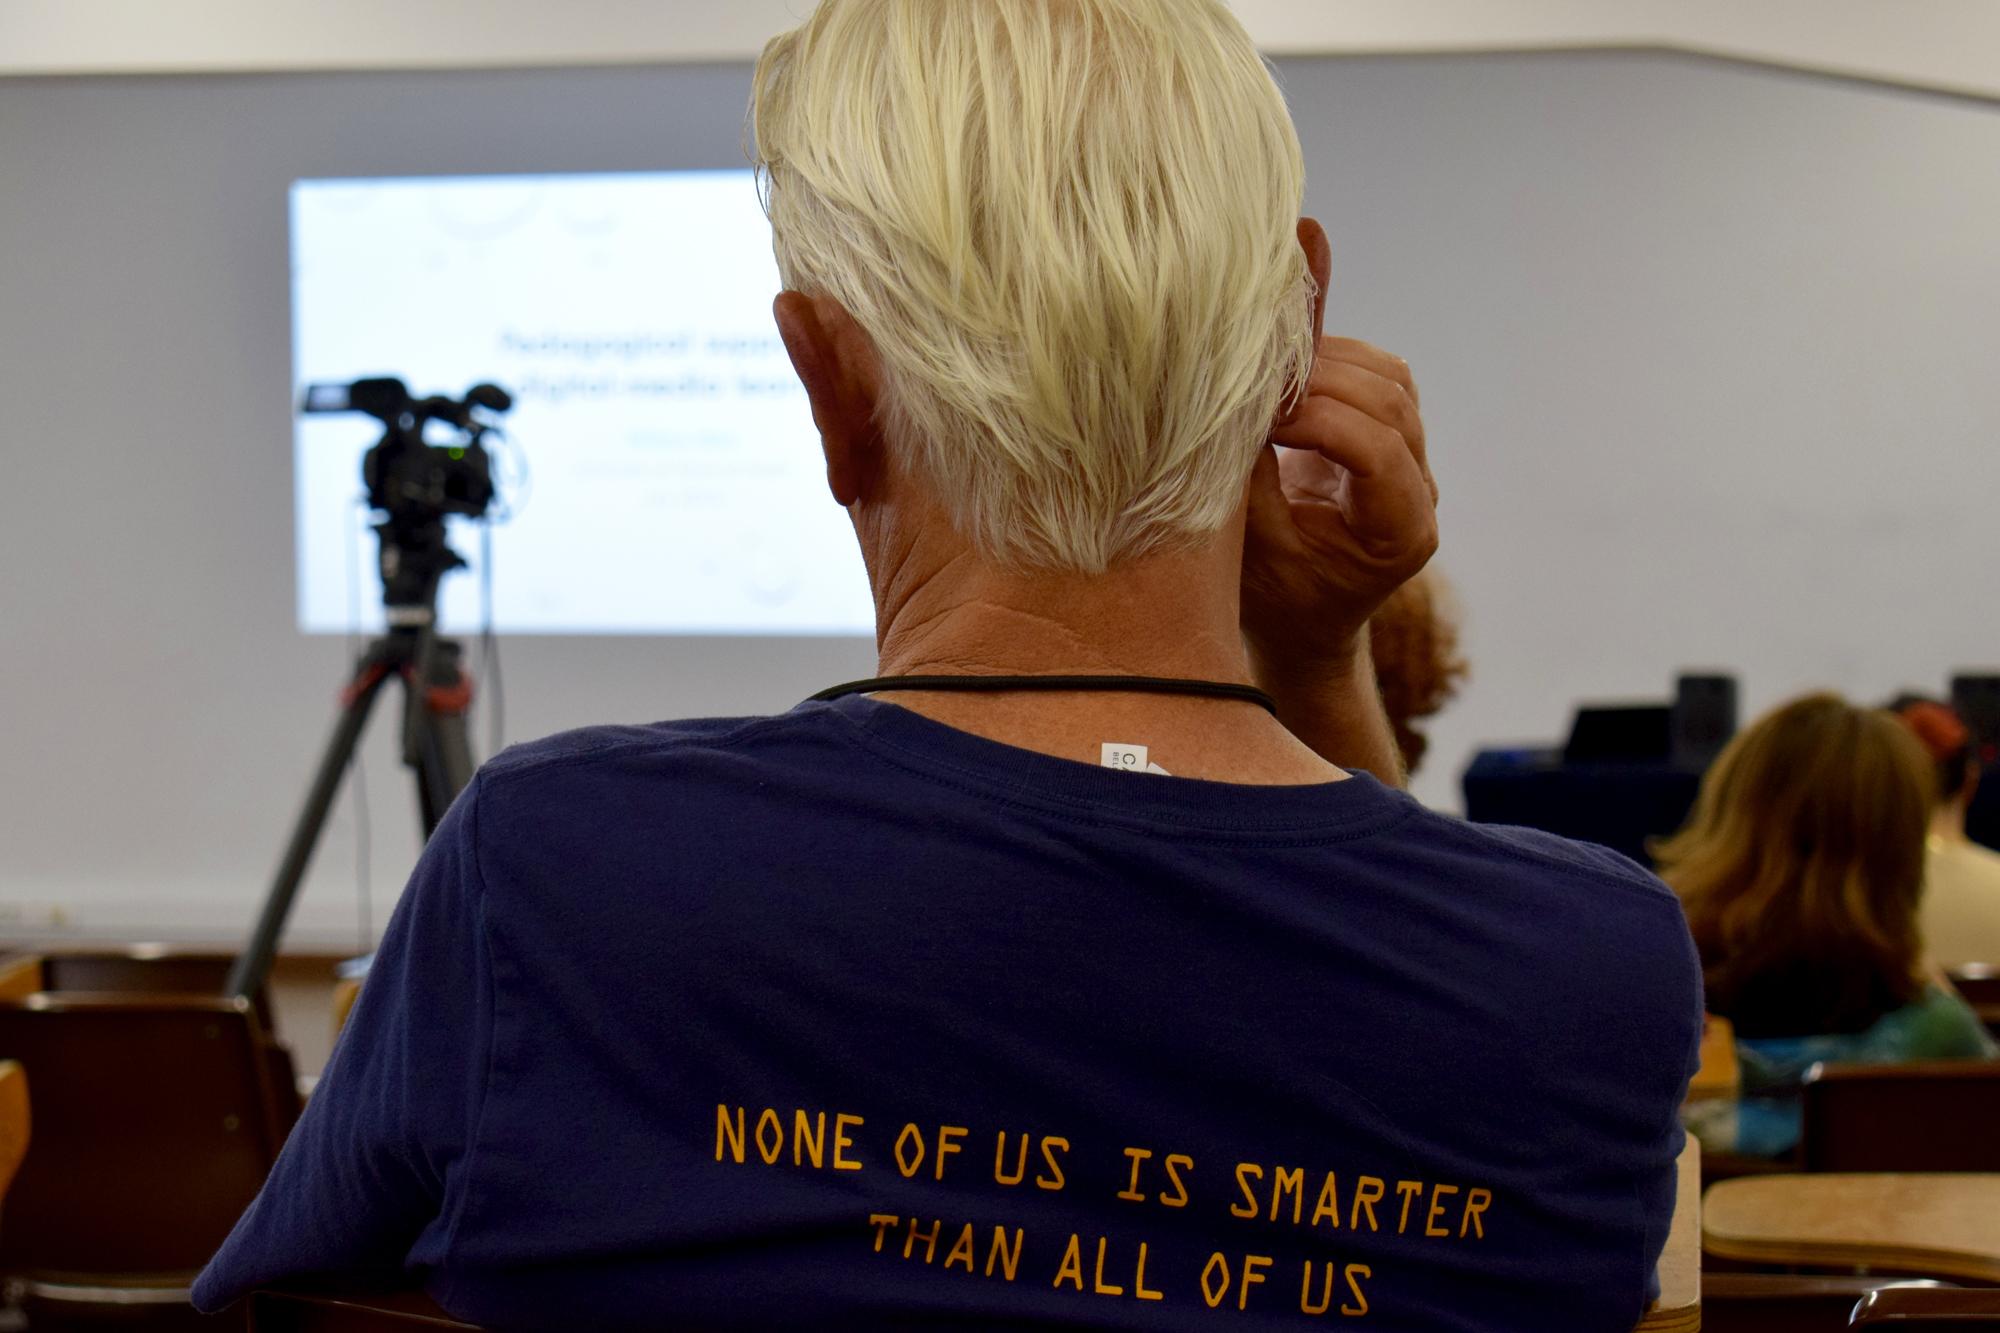 Em Austin, há 40 anos que se investigam métodos de ensino e aprendizagem na Universidade do Texas.